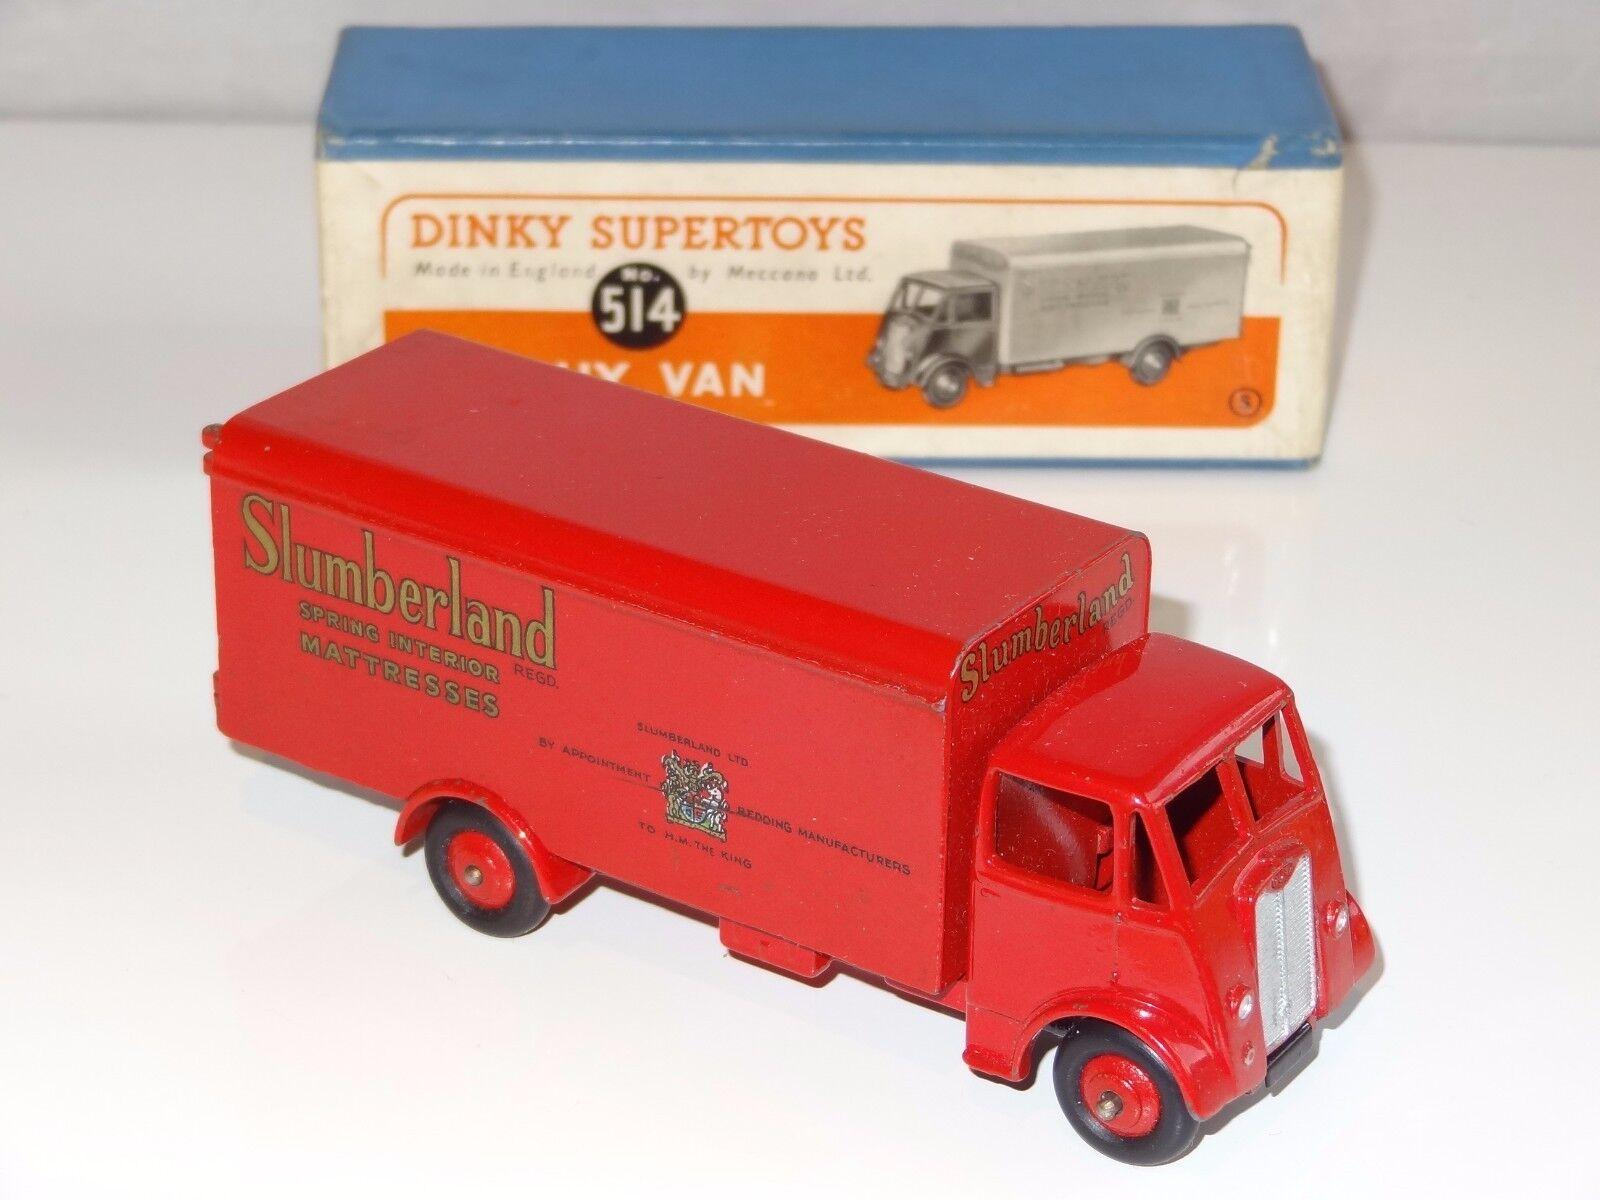 Dinky tipo Slumberland van - 514